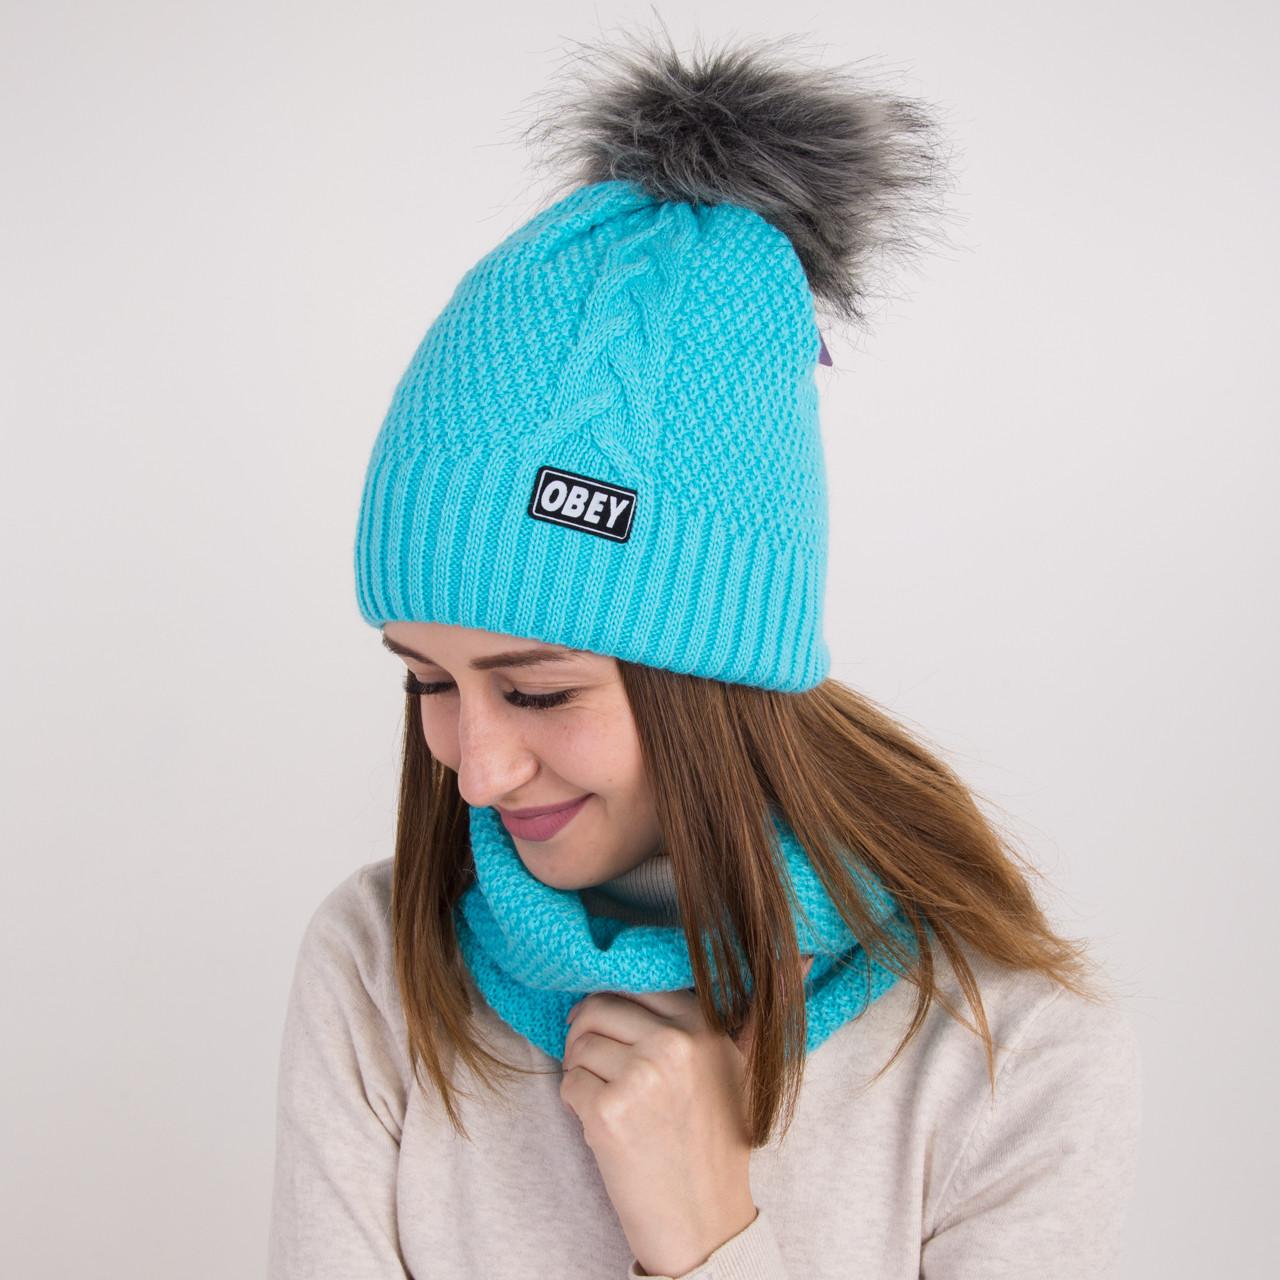 Вязанный женский комплект (шапка с помпоном и хомут) - OBEY - Артикул 1072